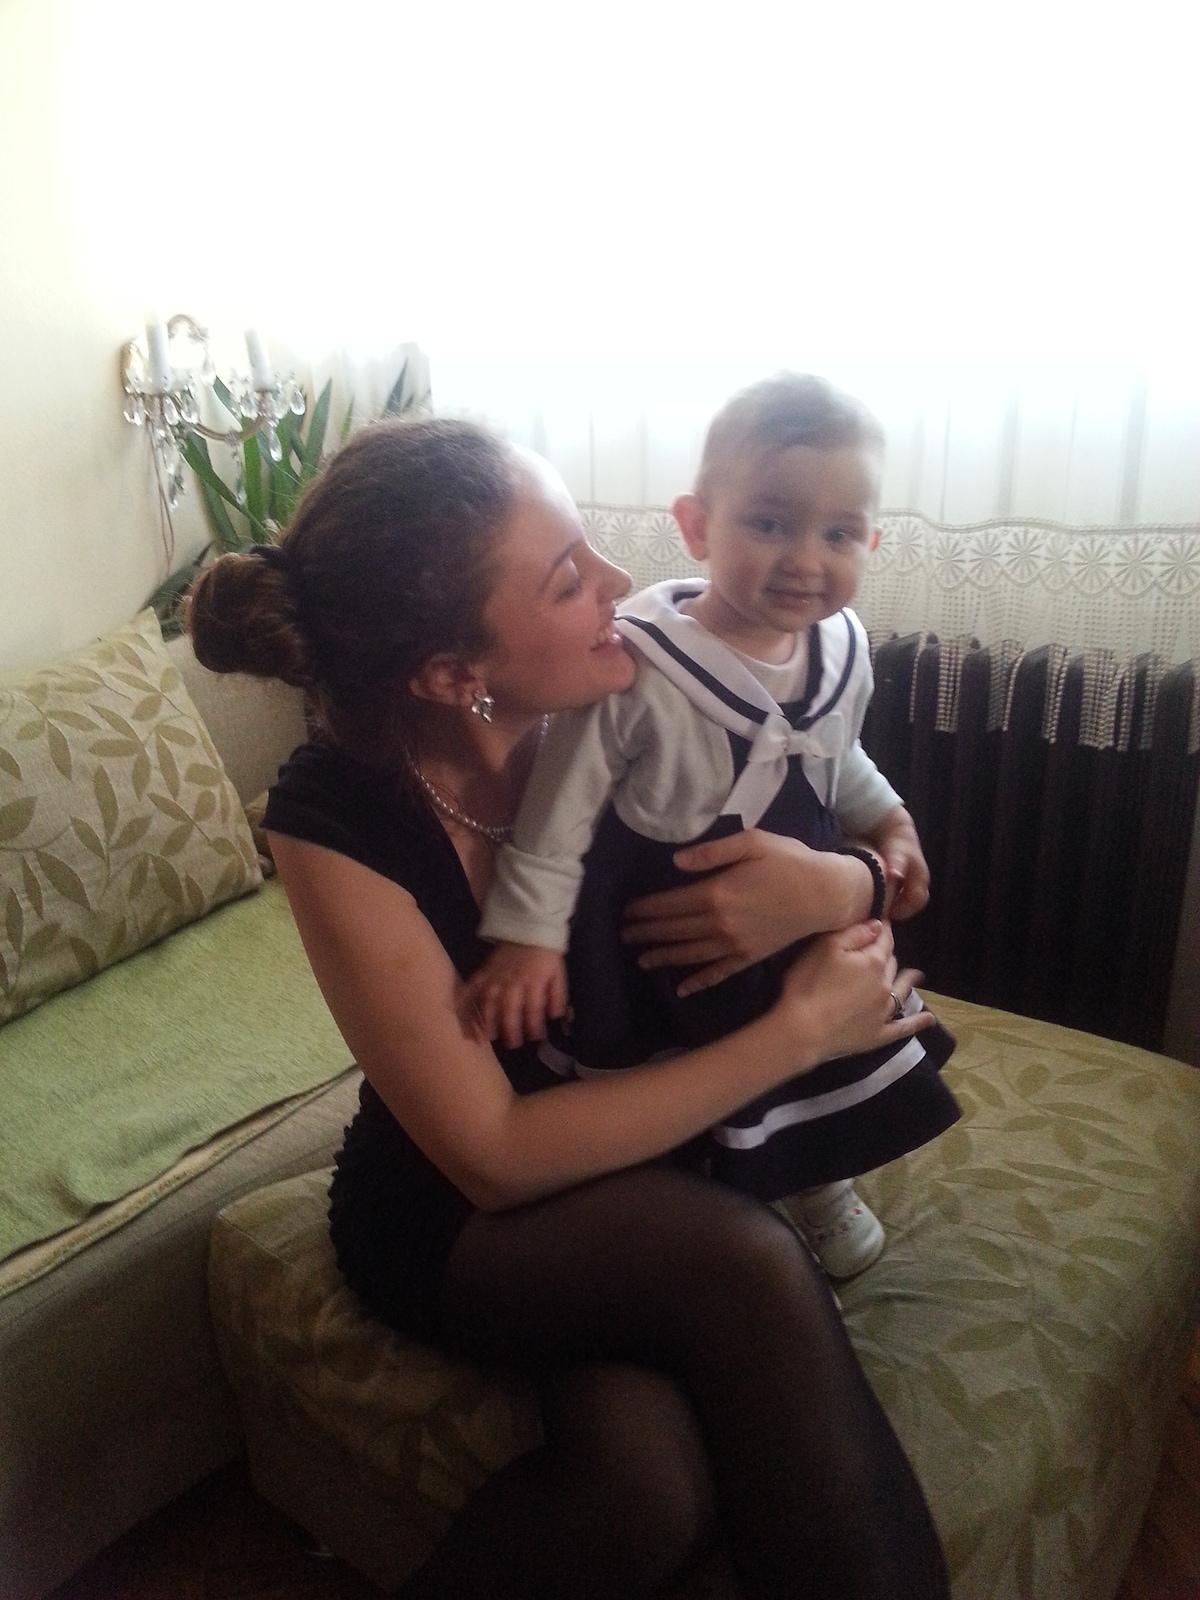 Ivana from Belgrade